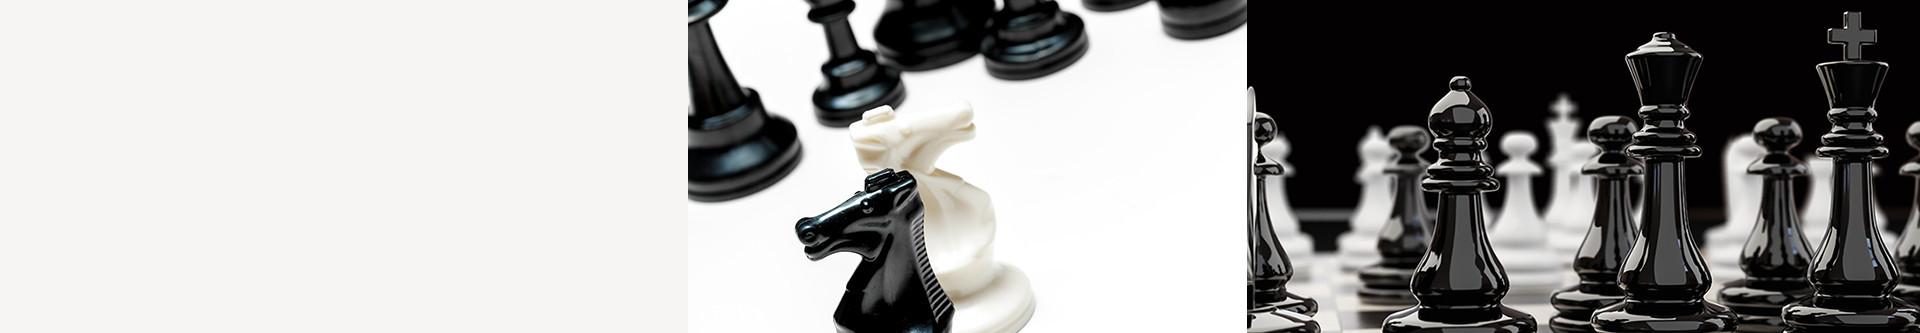 Классические шахматы  - купить в интернет-магазине настольных игр ручной работы ❤